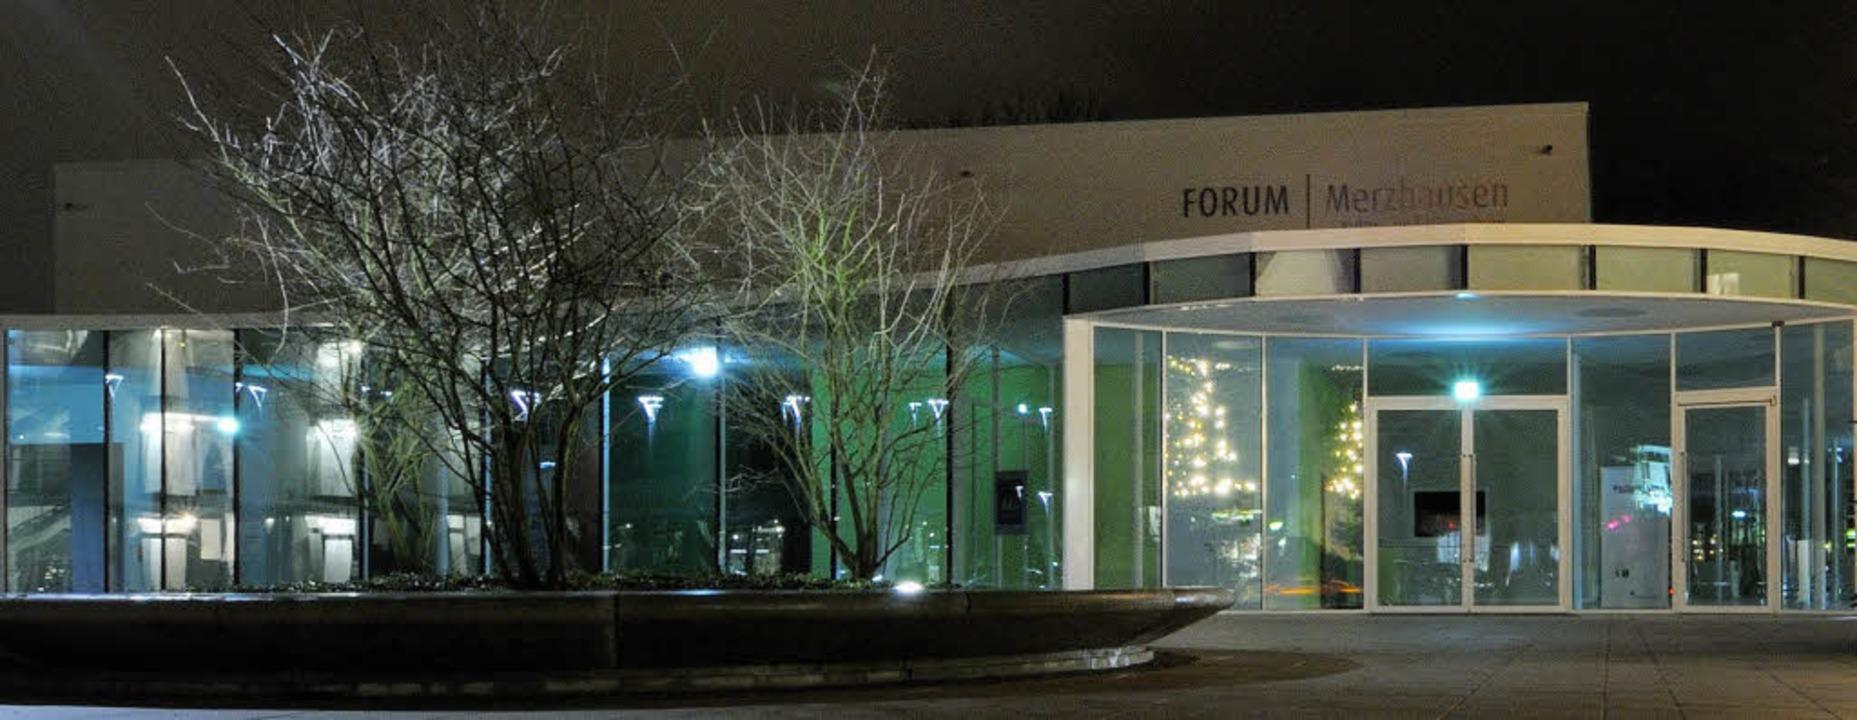 Das Forum,  das Kultur- und Bürgerhaus... Besucher, der kleine für 100 bis 120.  | Foto: Gollrad/Freyer/Peikert/Privat